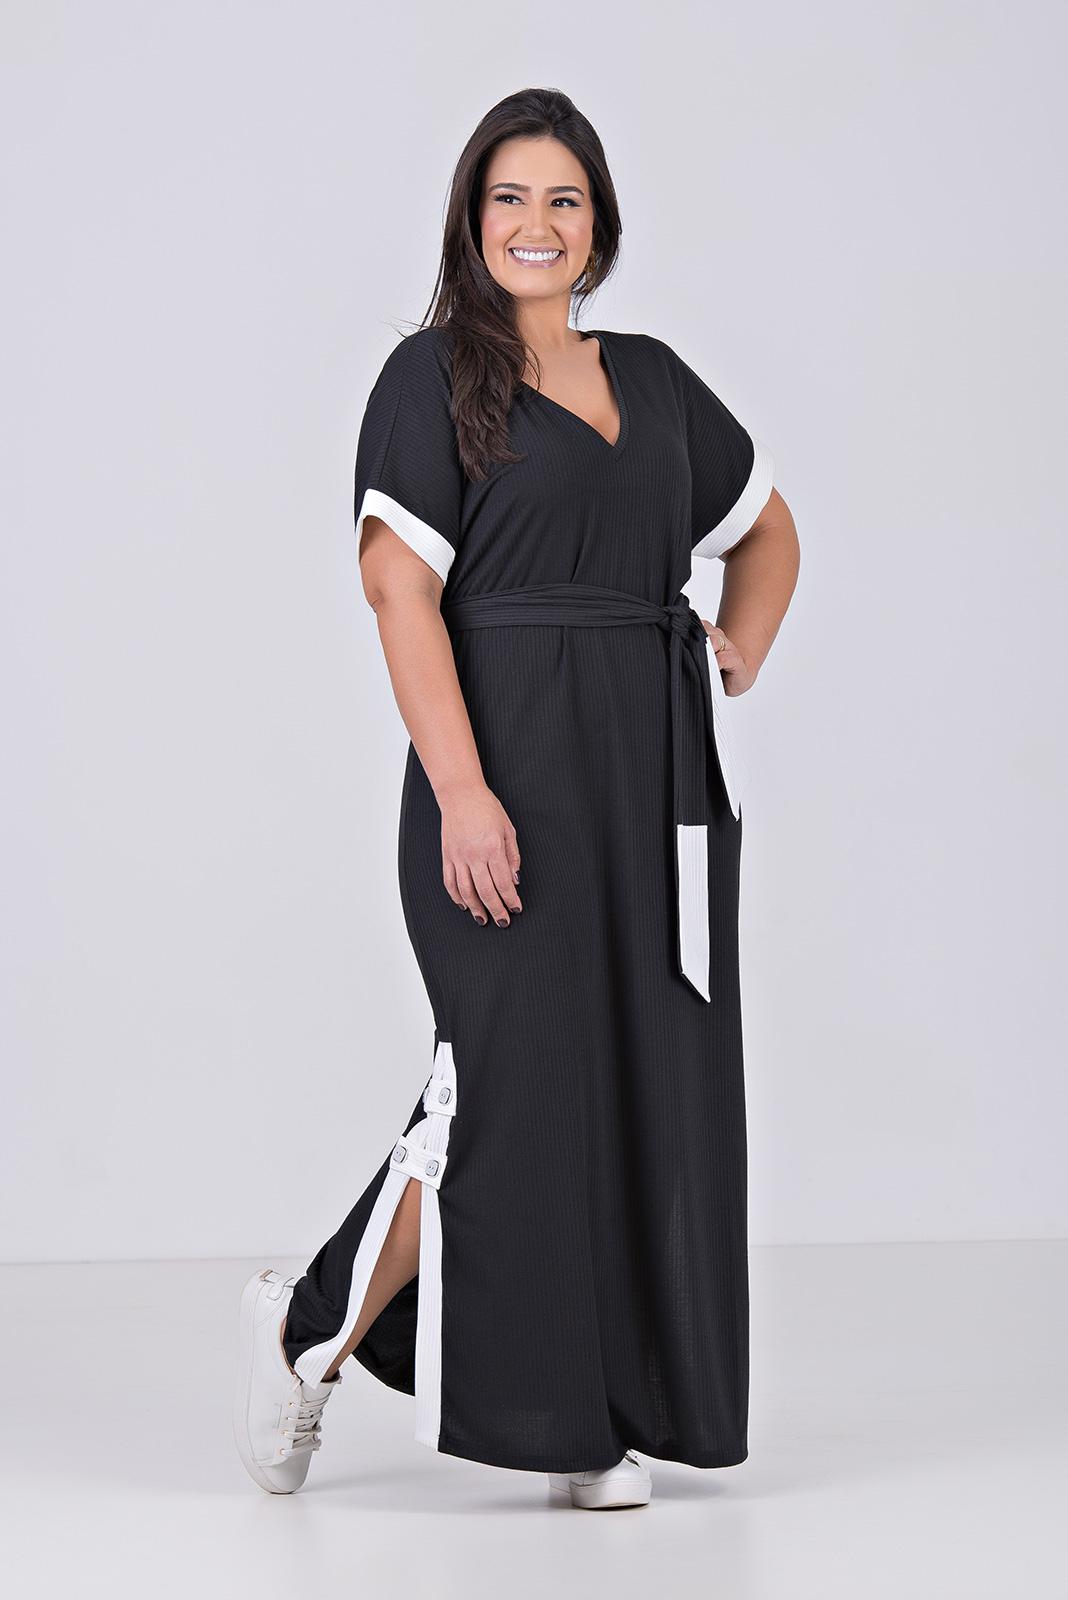 04016-000-012 - Vestido Comfy, Longo em